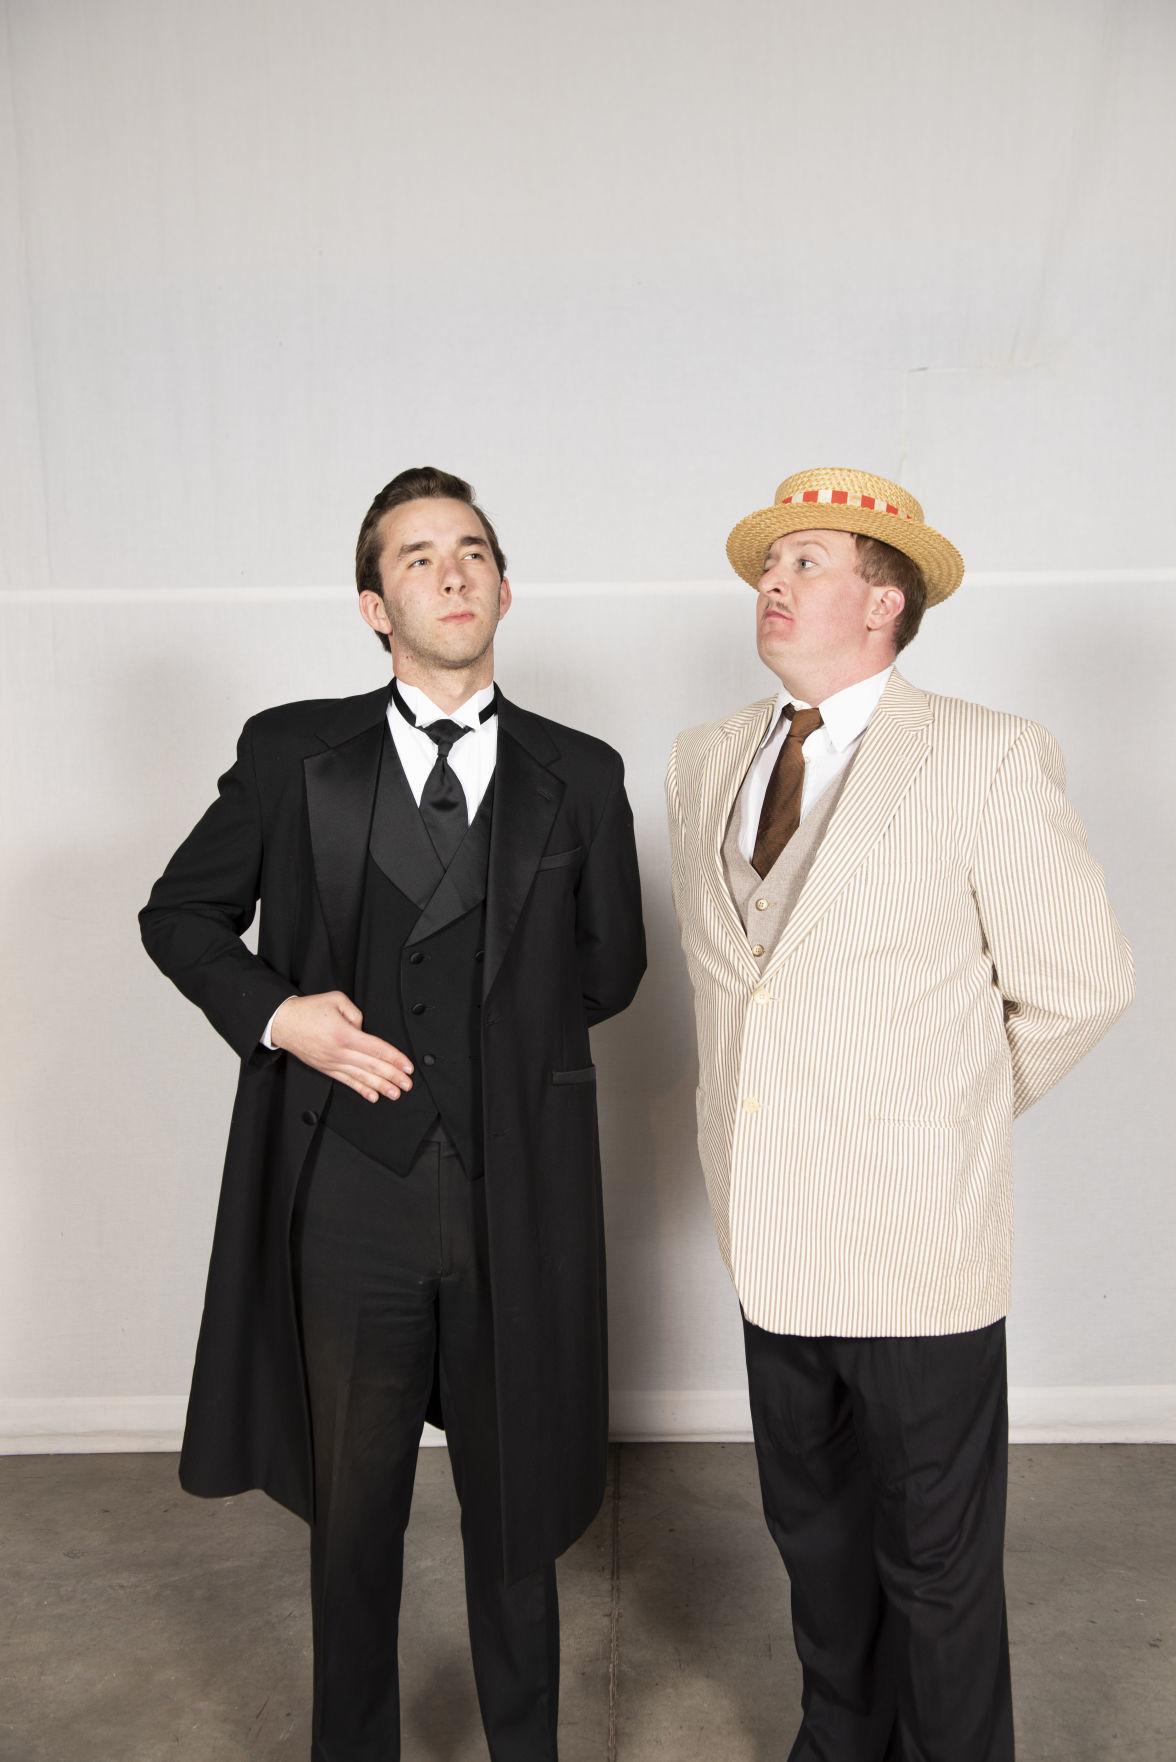 050519_sn_gentleman_6_two-actors